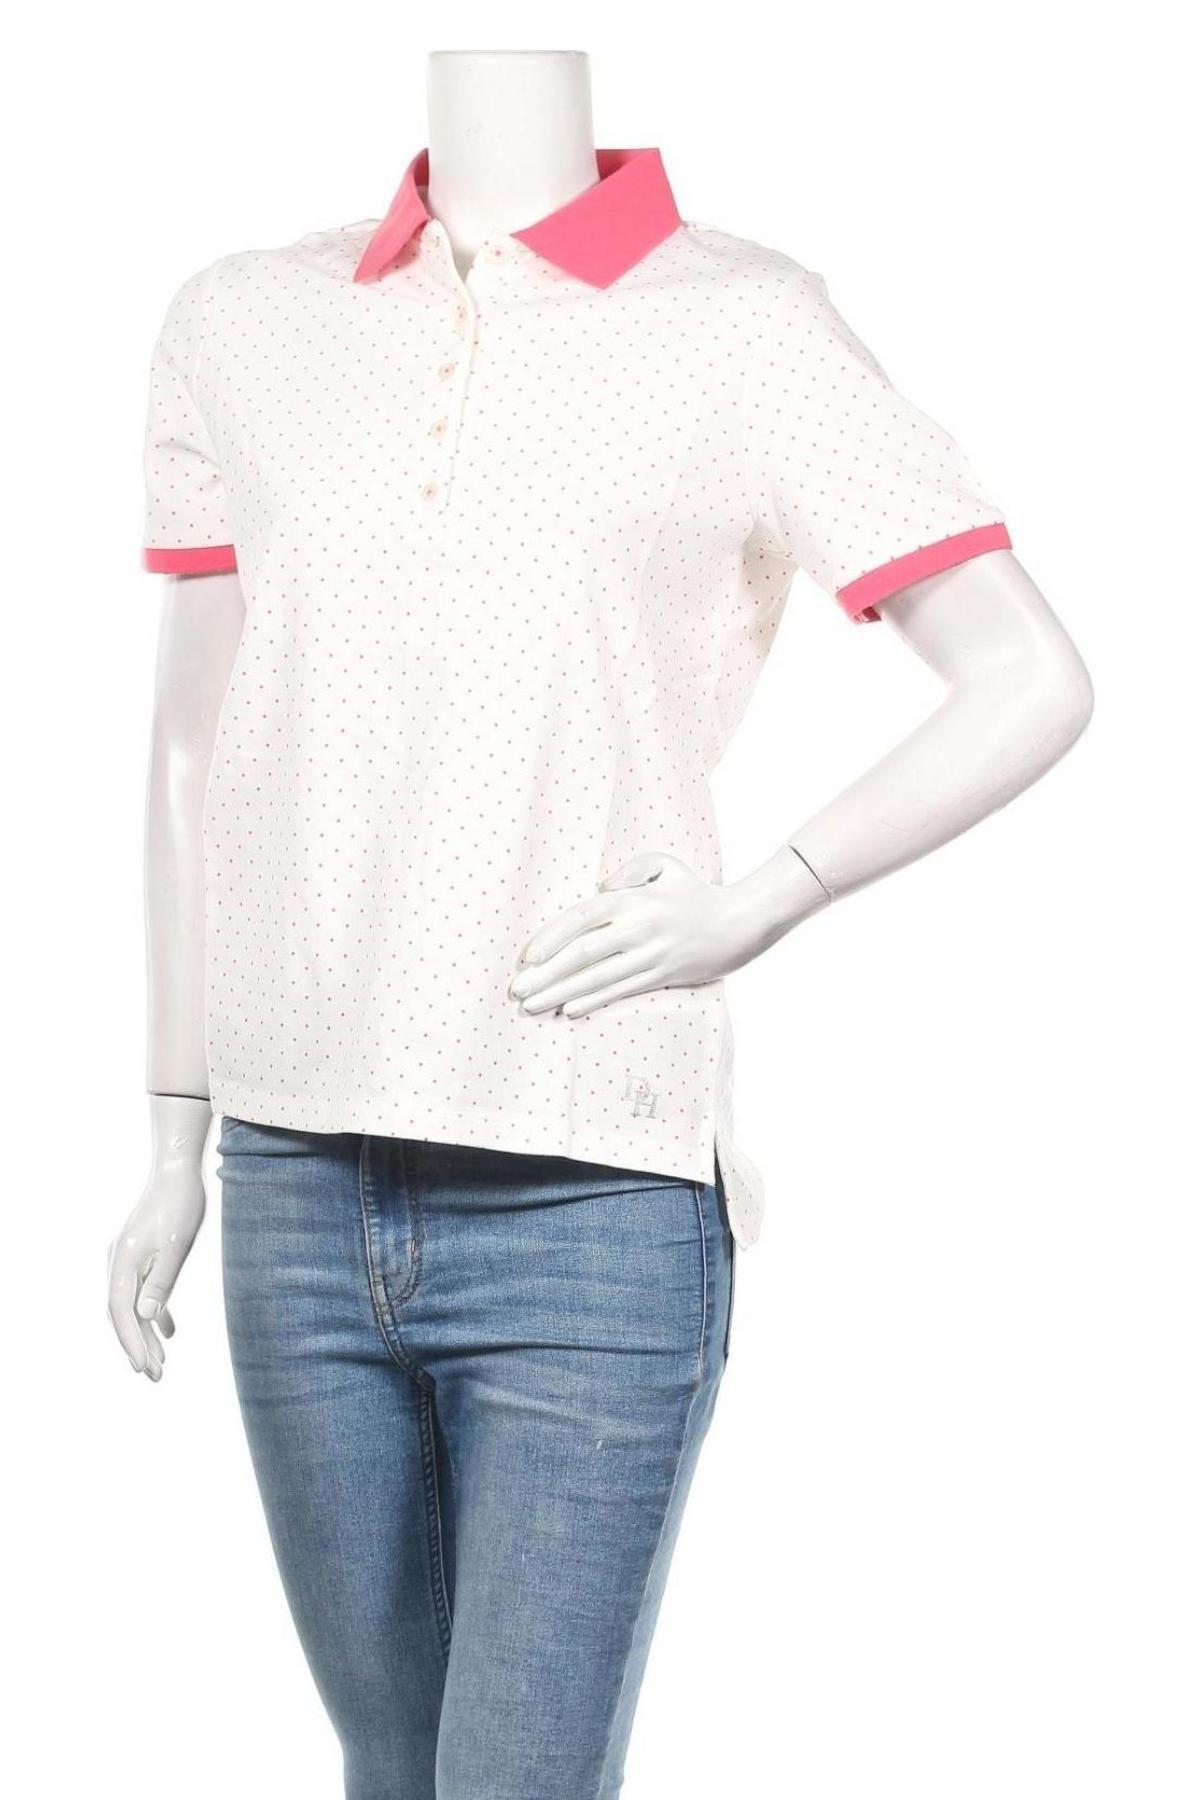 Дамска тениска Daniel Hechter, Размер M, Цвят Бял, 95% памук, 5% еластан, Цена 38,40лв.